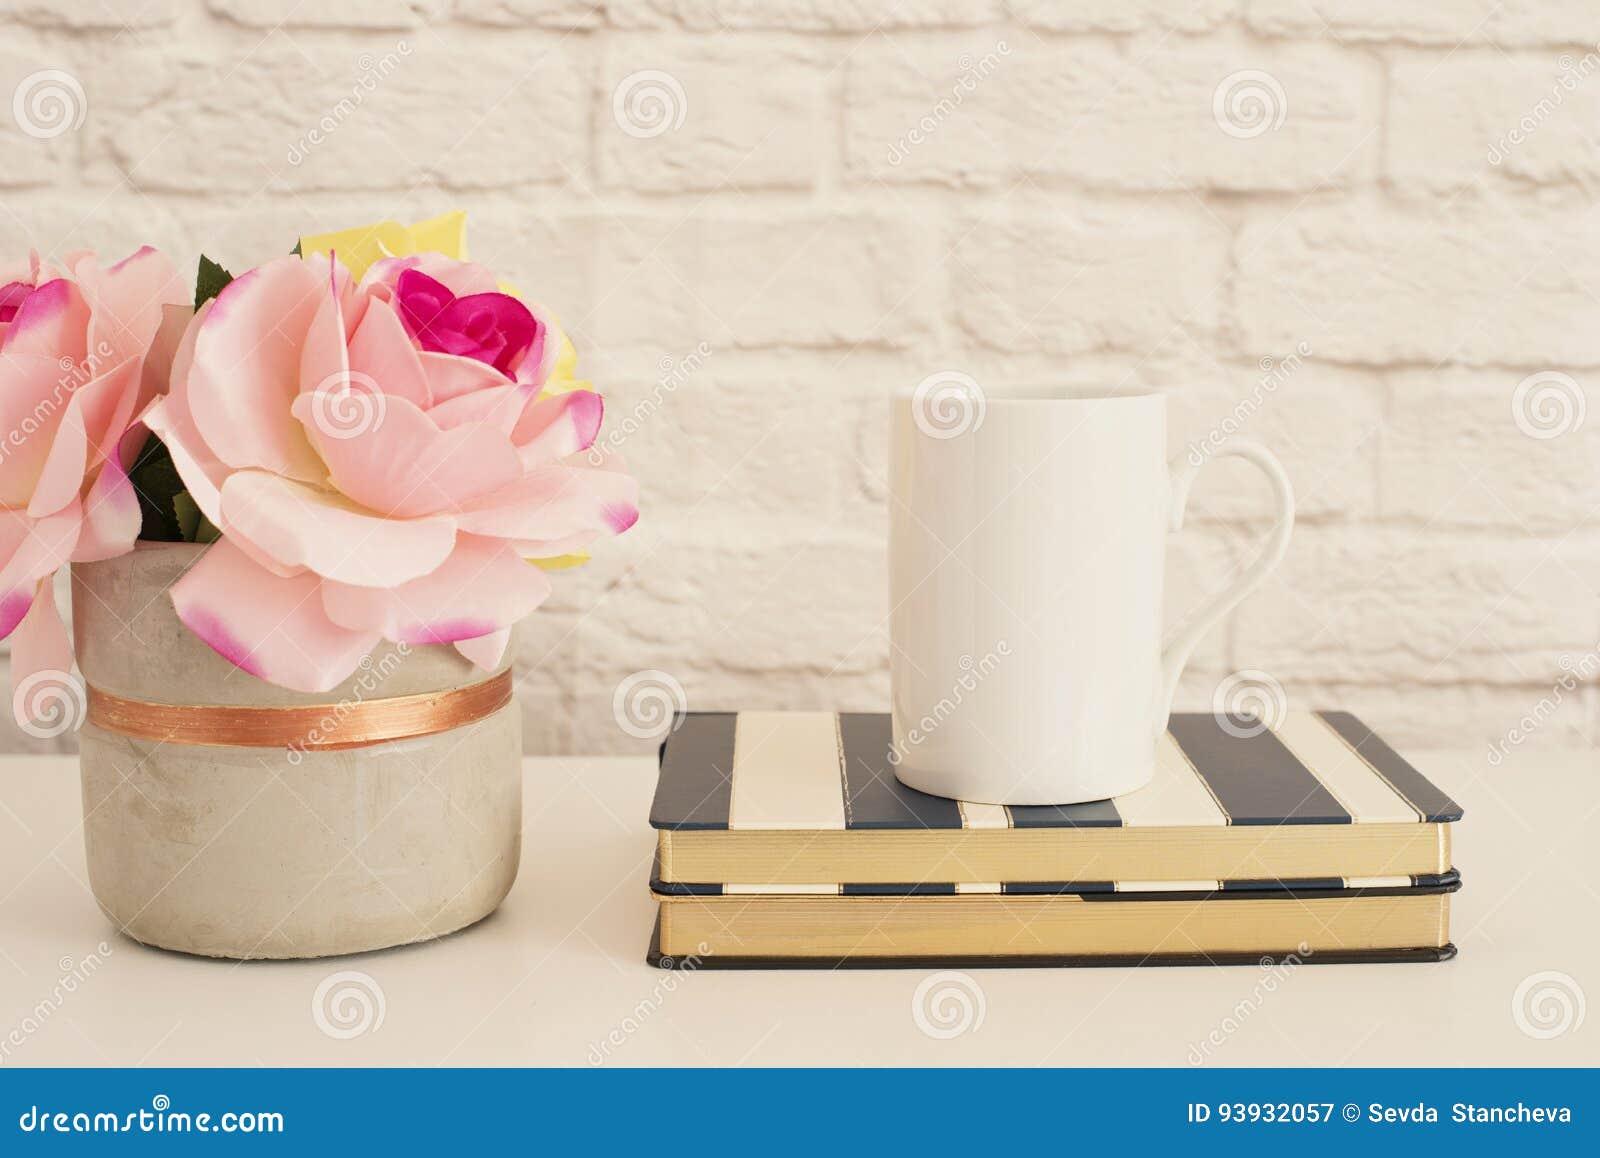 Άσπρο πρότυπο κουπών Κενή άσπρη χλεύη κουπών καφέ επάνω Ορισμένη φωτογραφία Επίδειξη προϊόντων φλυτζανιών καφέ Κούπα καφέ στο ριγ